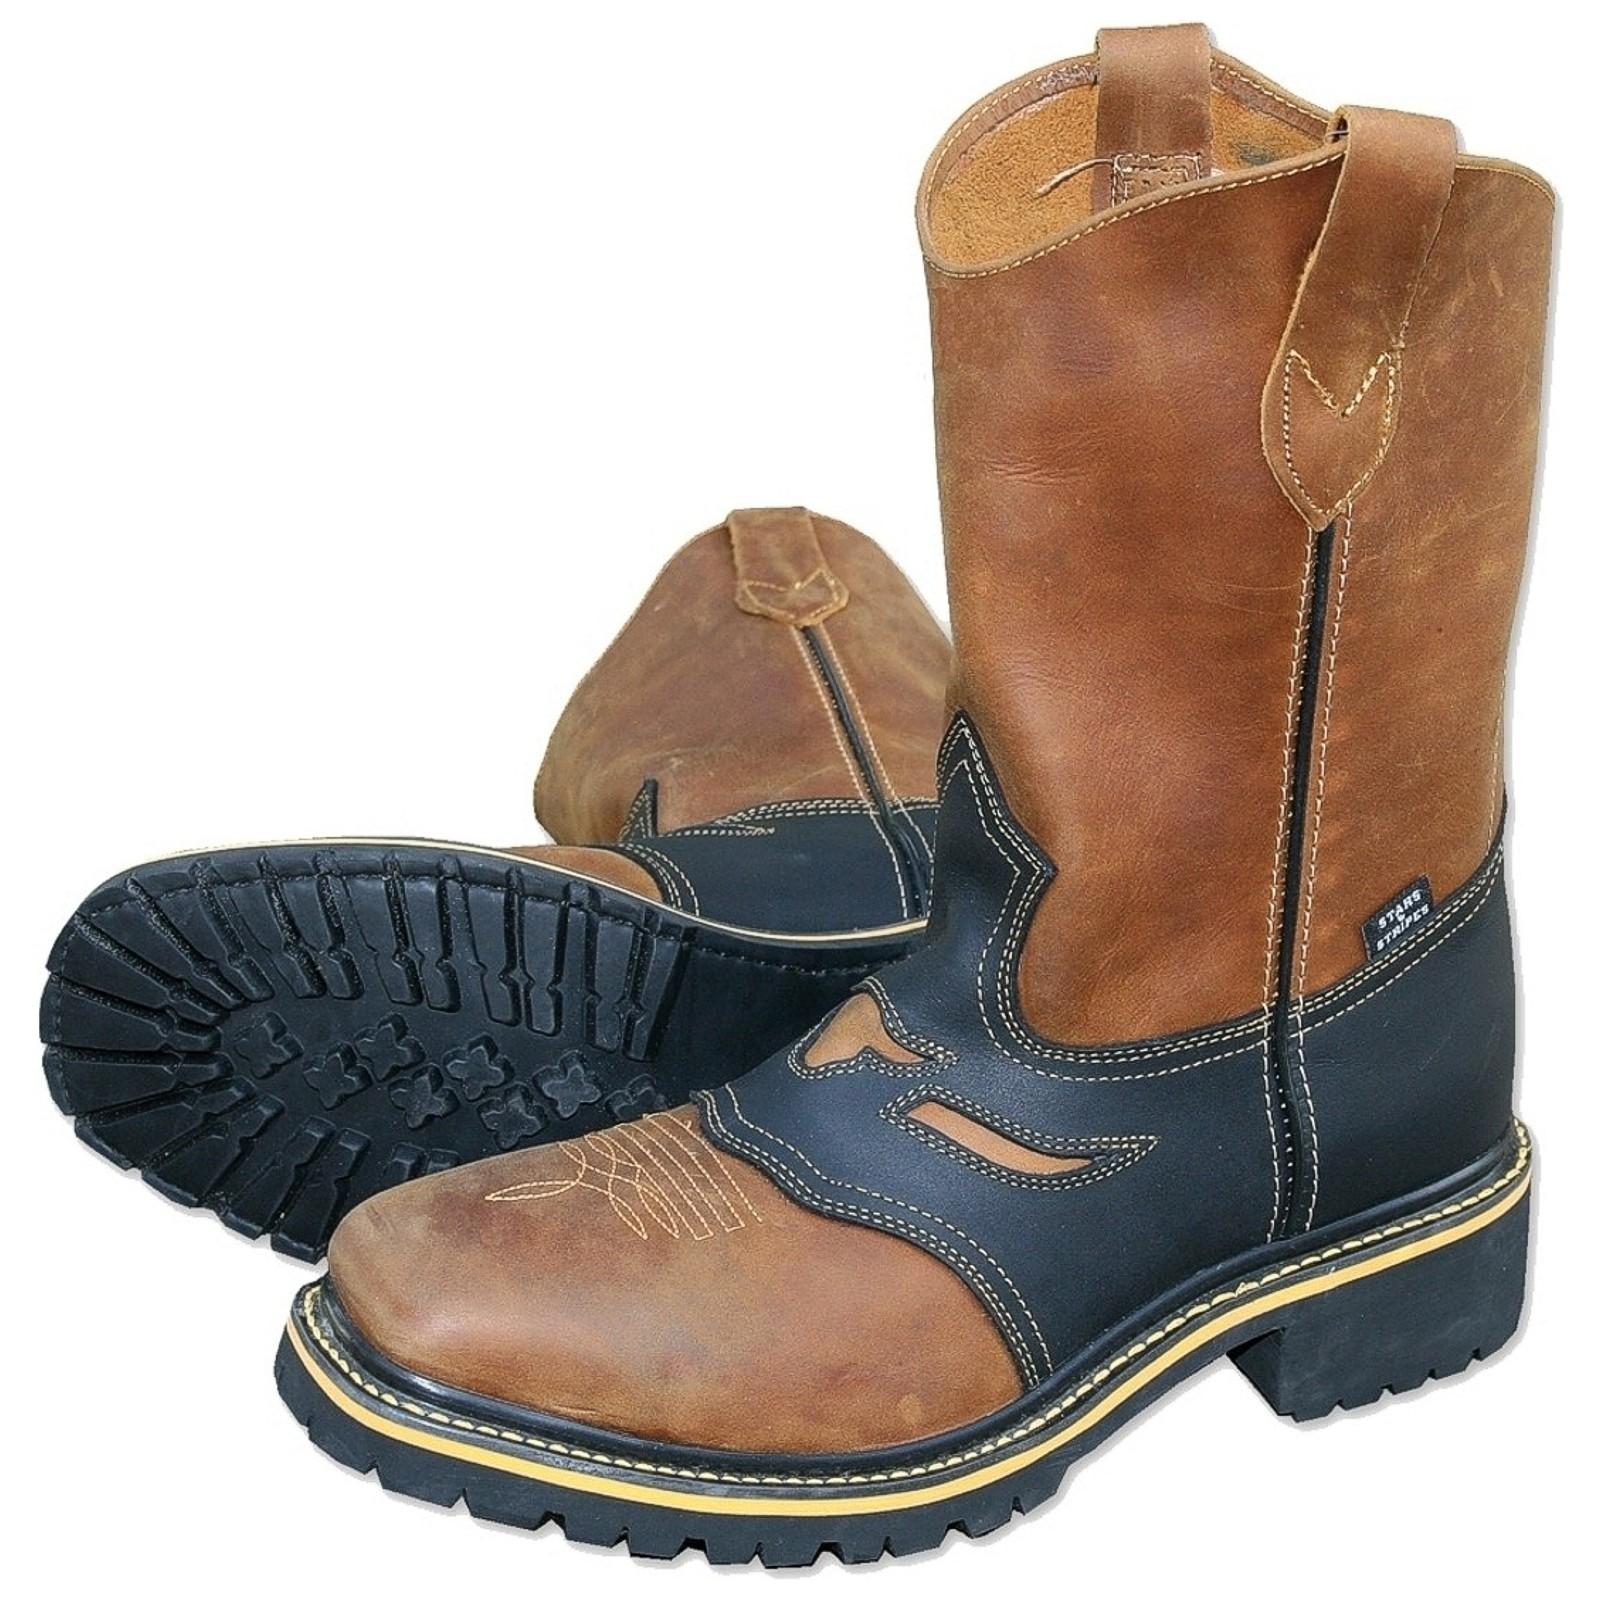 Stars & Stripes Herren Stiefel Worker Boots »WB-32« Braun / Schwarz